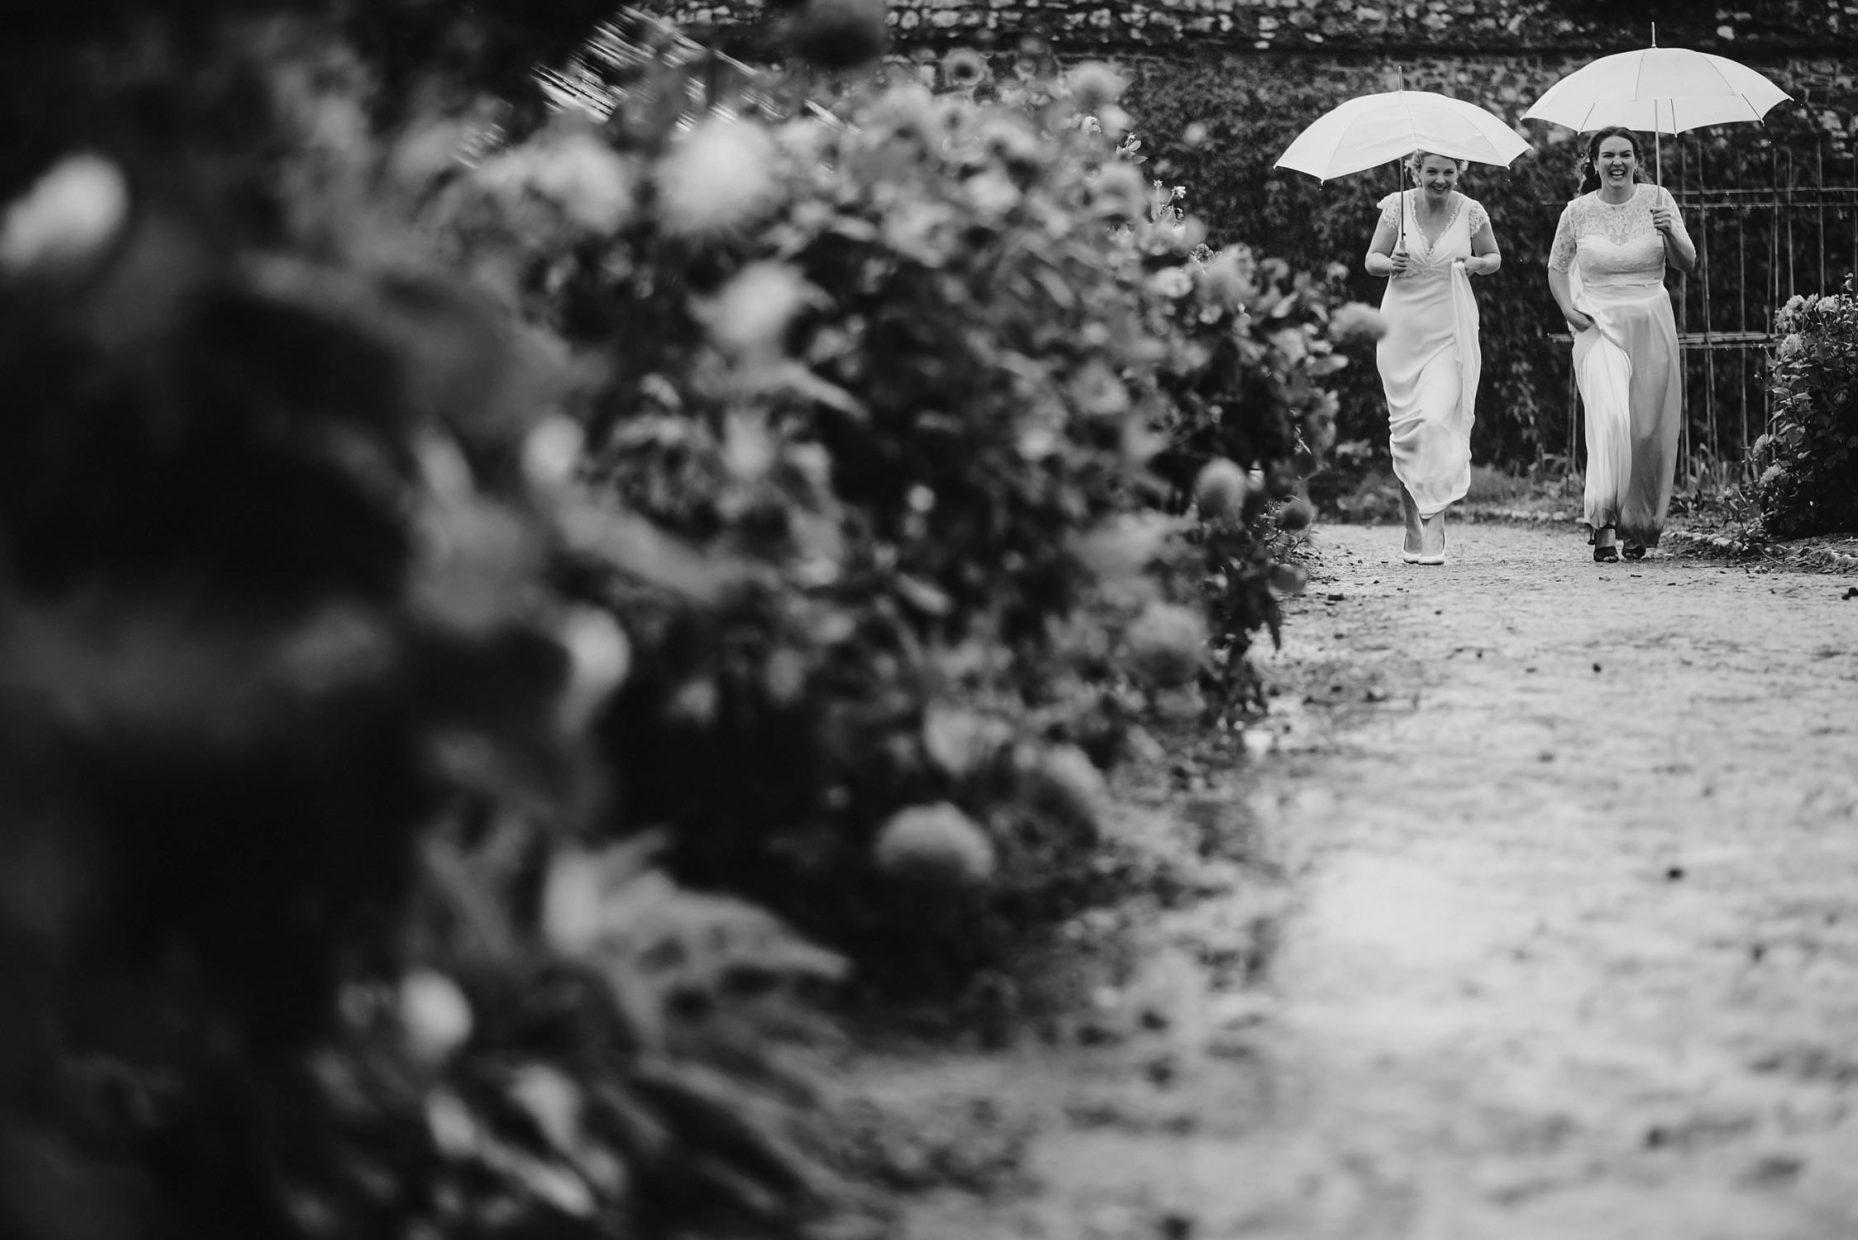 rain wedding photos cornwall